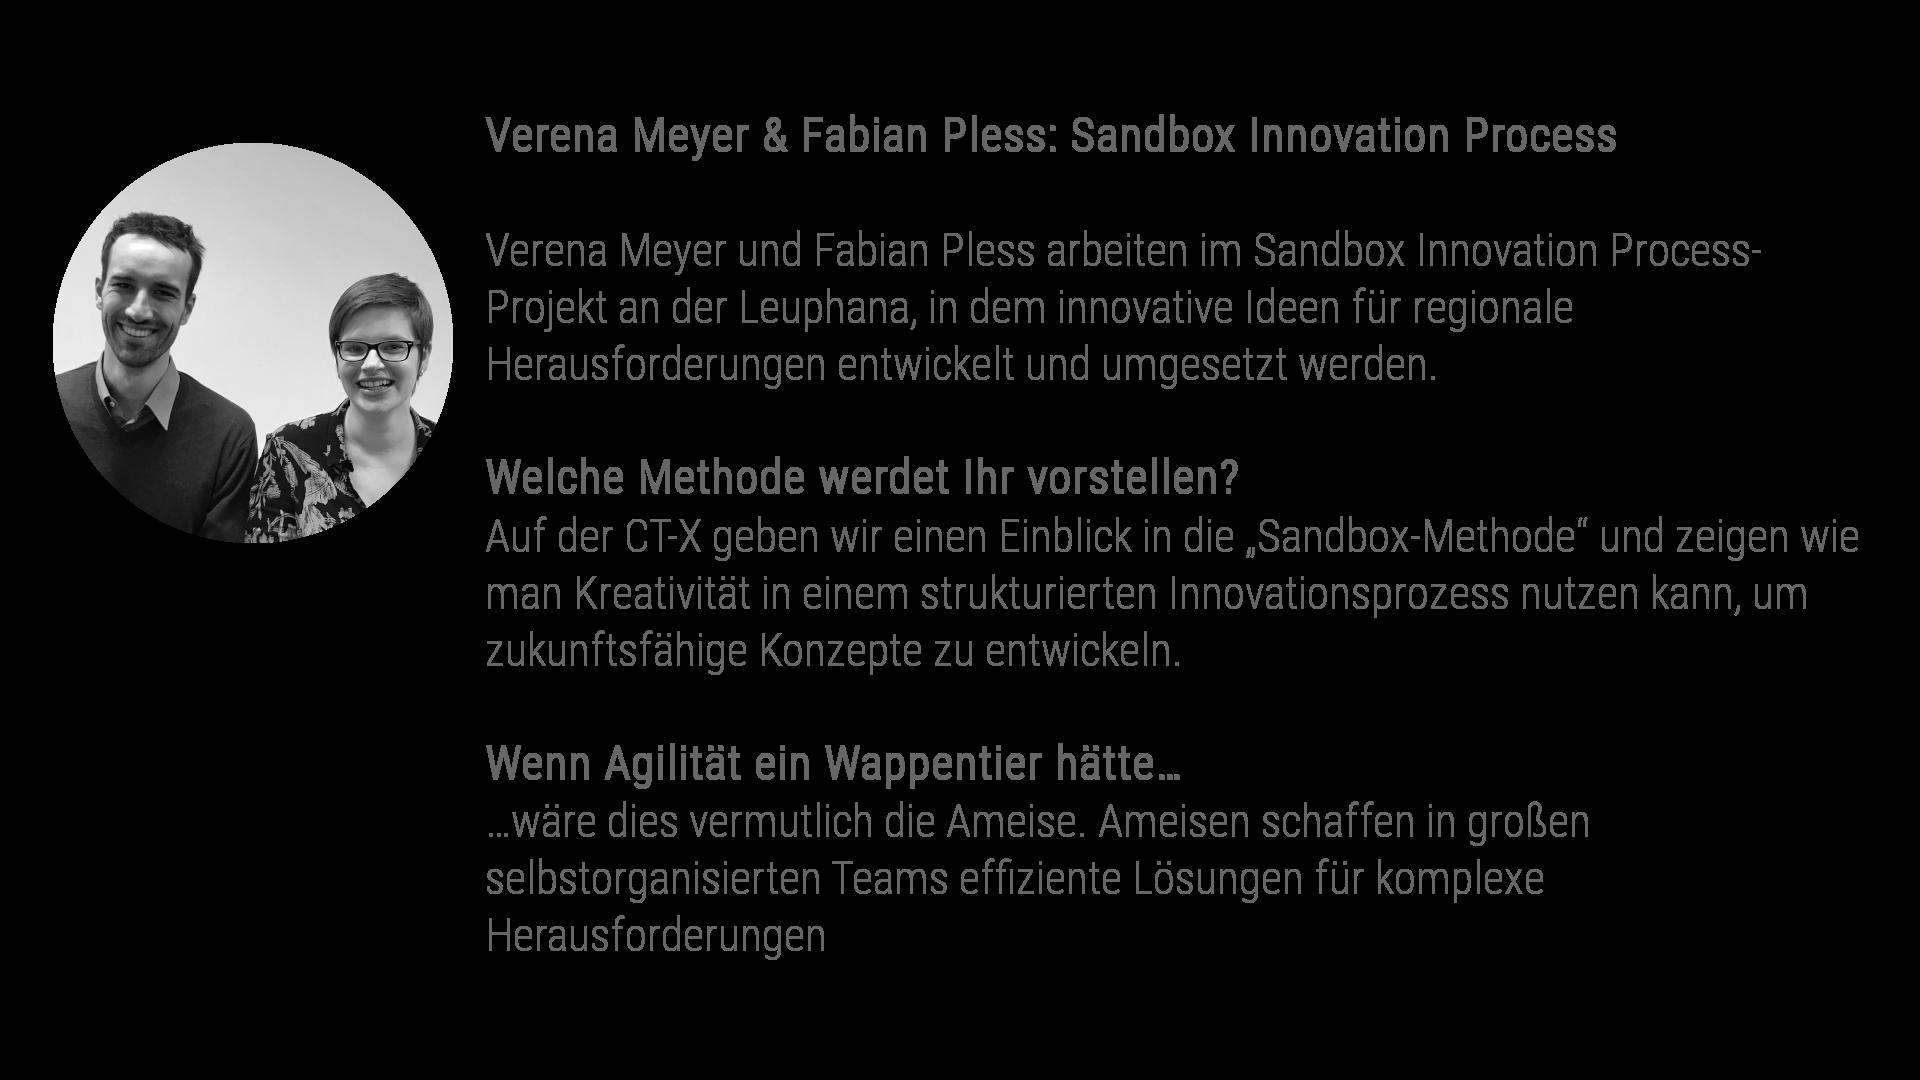 """Verena Meyer & Fabian Pless: Sandbox Innovation Process Verena Meyer und Fabian Pless arbeiten im Sandbox Innovation Process-Projekt an der Leuphana, in dem innovative Ideen für regionale Herausforderungen entwickelt und umgesetzt werden. Welche Methode werdet Ihr vorstellen? Auf der CT-X geben wir einen Einblick in die """"Sandbox-Methode"""" und zeigen wie man Kreativität in einem strukturierten Innovationsprozess nutzen kann, um zukunftsfähige Konzepte zu entwickeln. Wenn Agilität ein Wappentier hätte… …wäre dies vermutlich die Ameise. Ameisen schaffen in großen selbstorganisierten Teams effiziente Lösungen für komplexe Herausforderungen"""